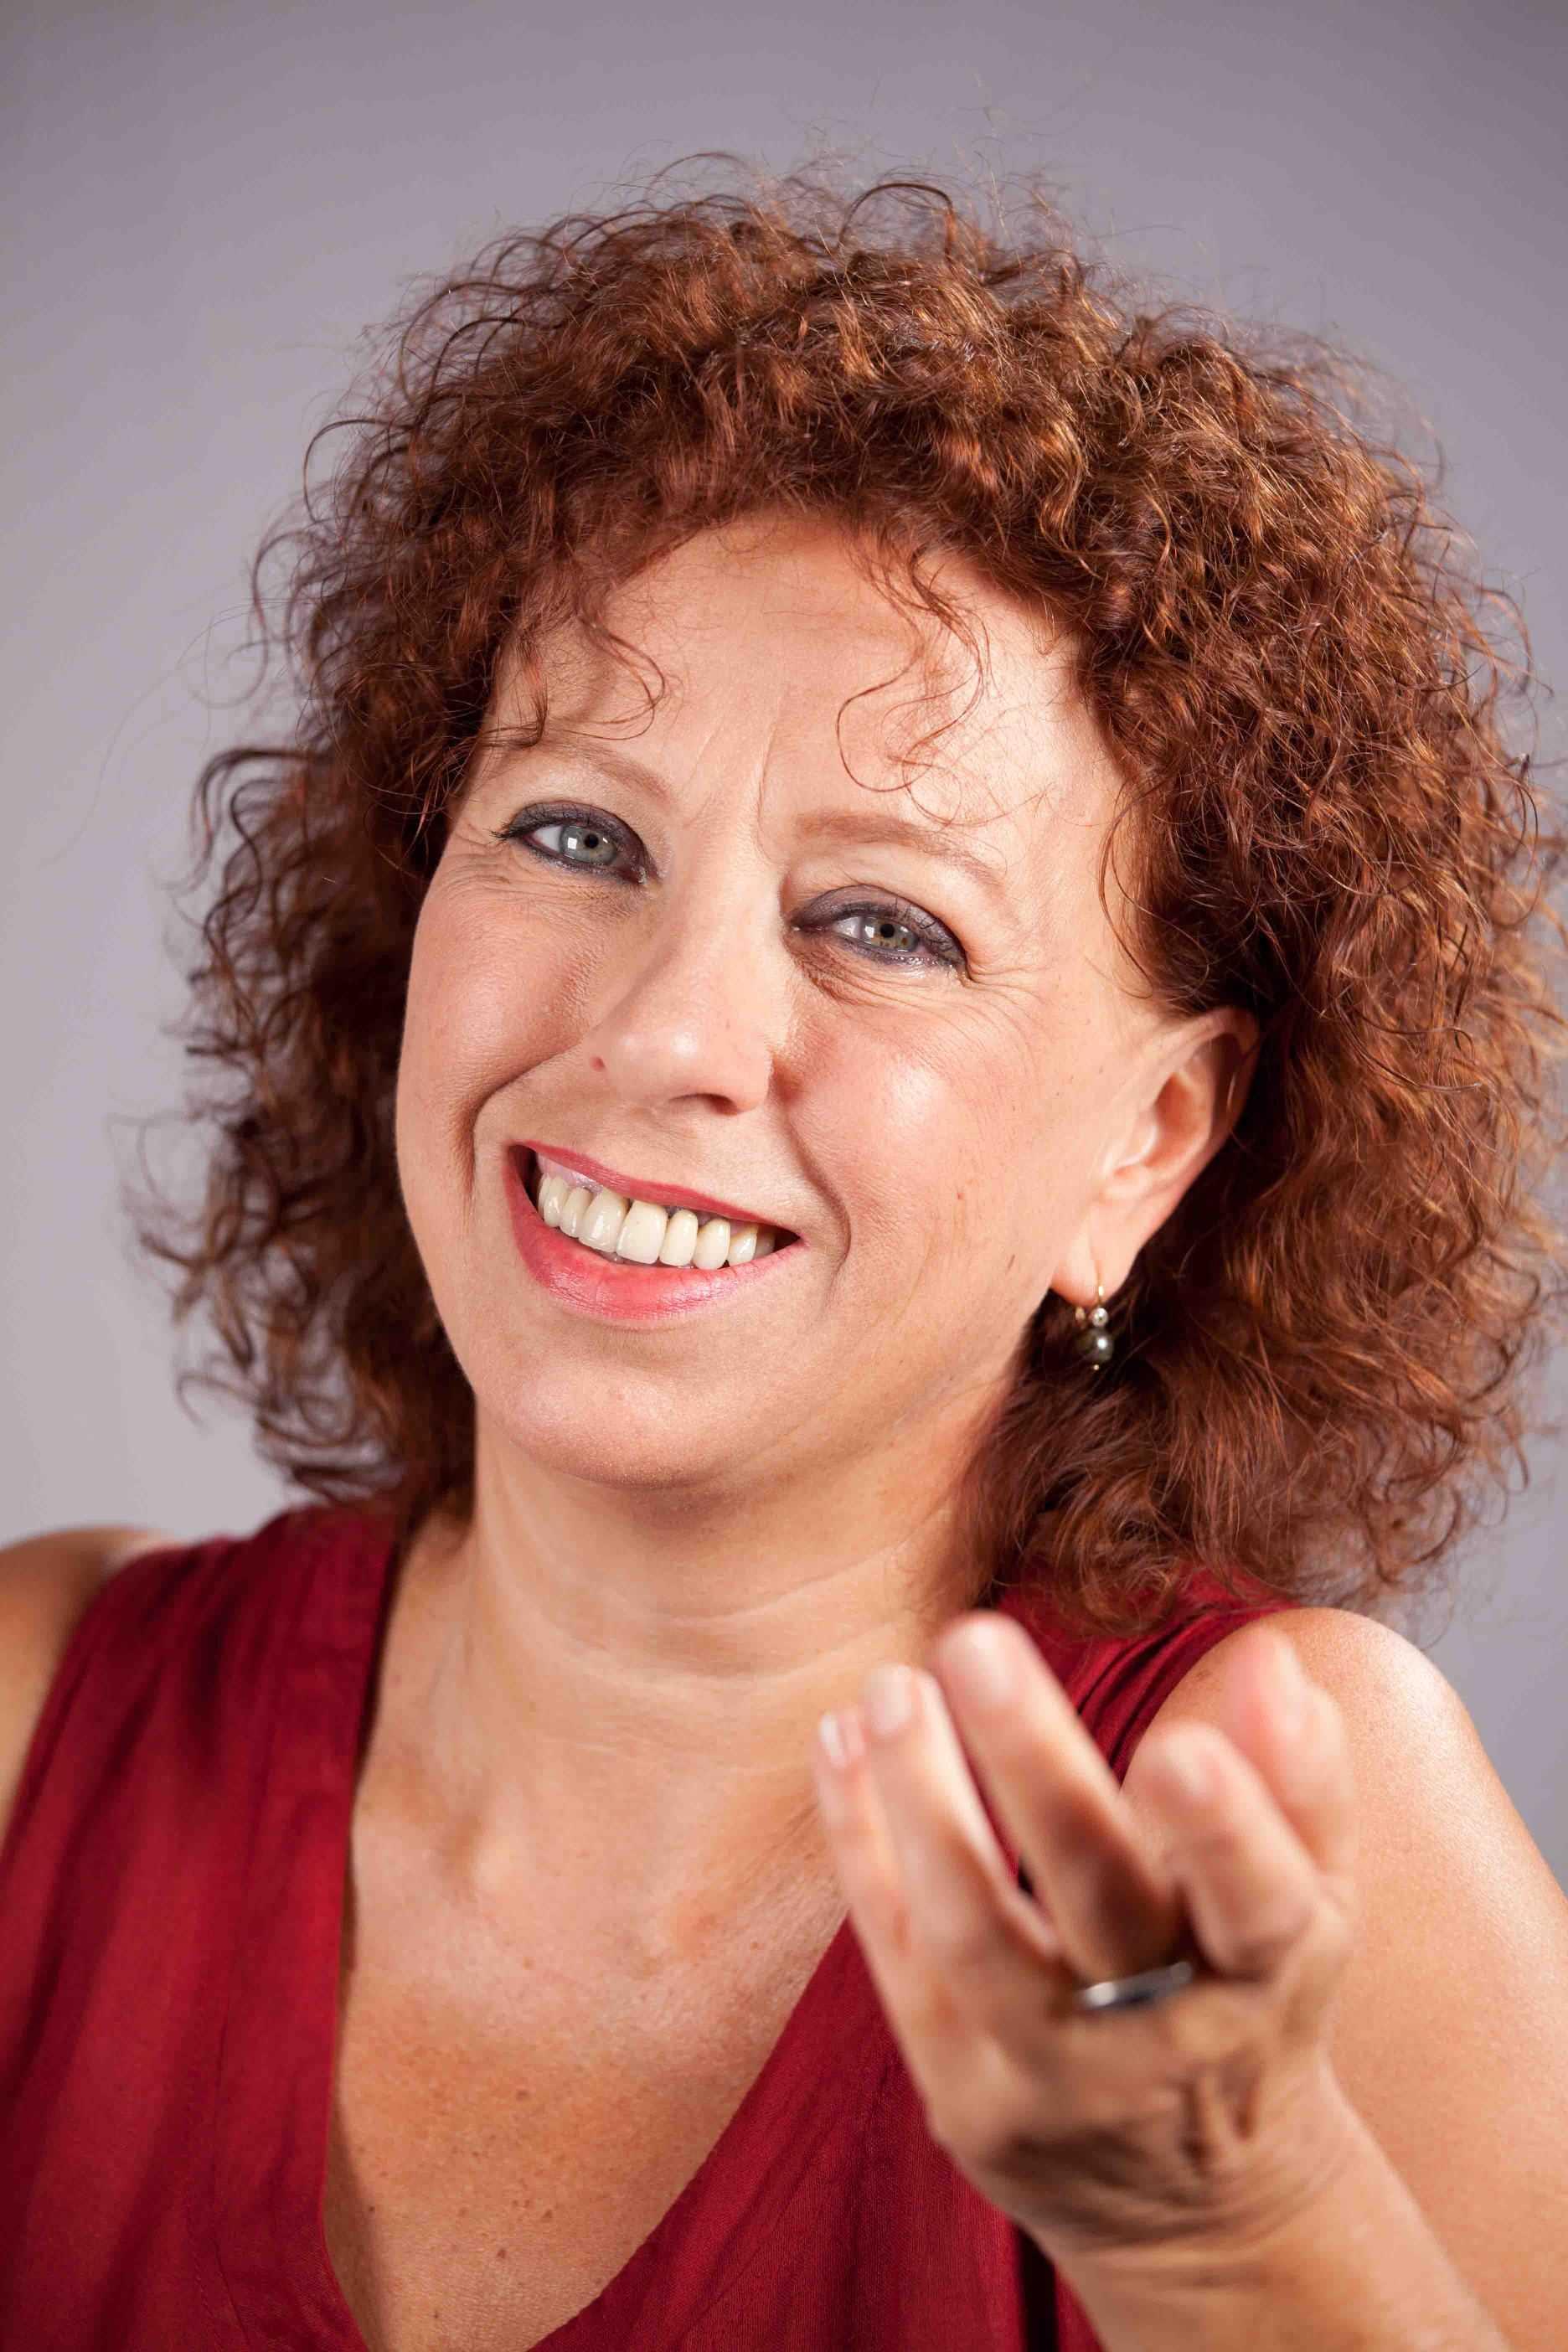 """Teatro: Paola Tiziana Cruciani al Boni di Acquapendente con """"Sugo finto"""", regia di Ennio Coltorti"""